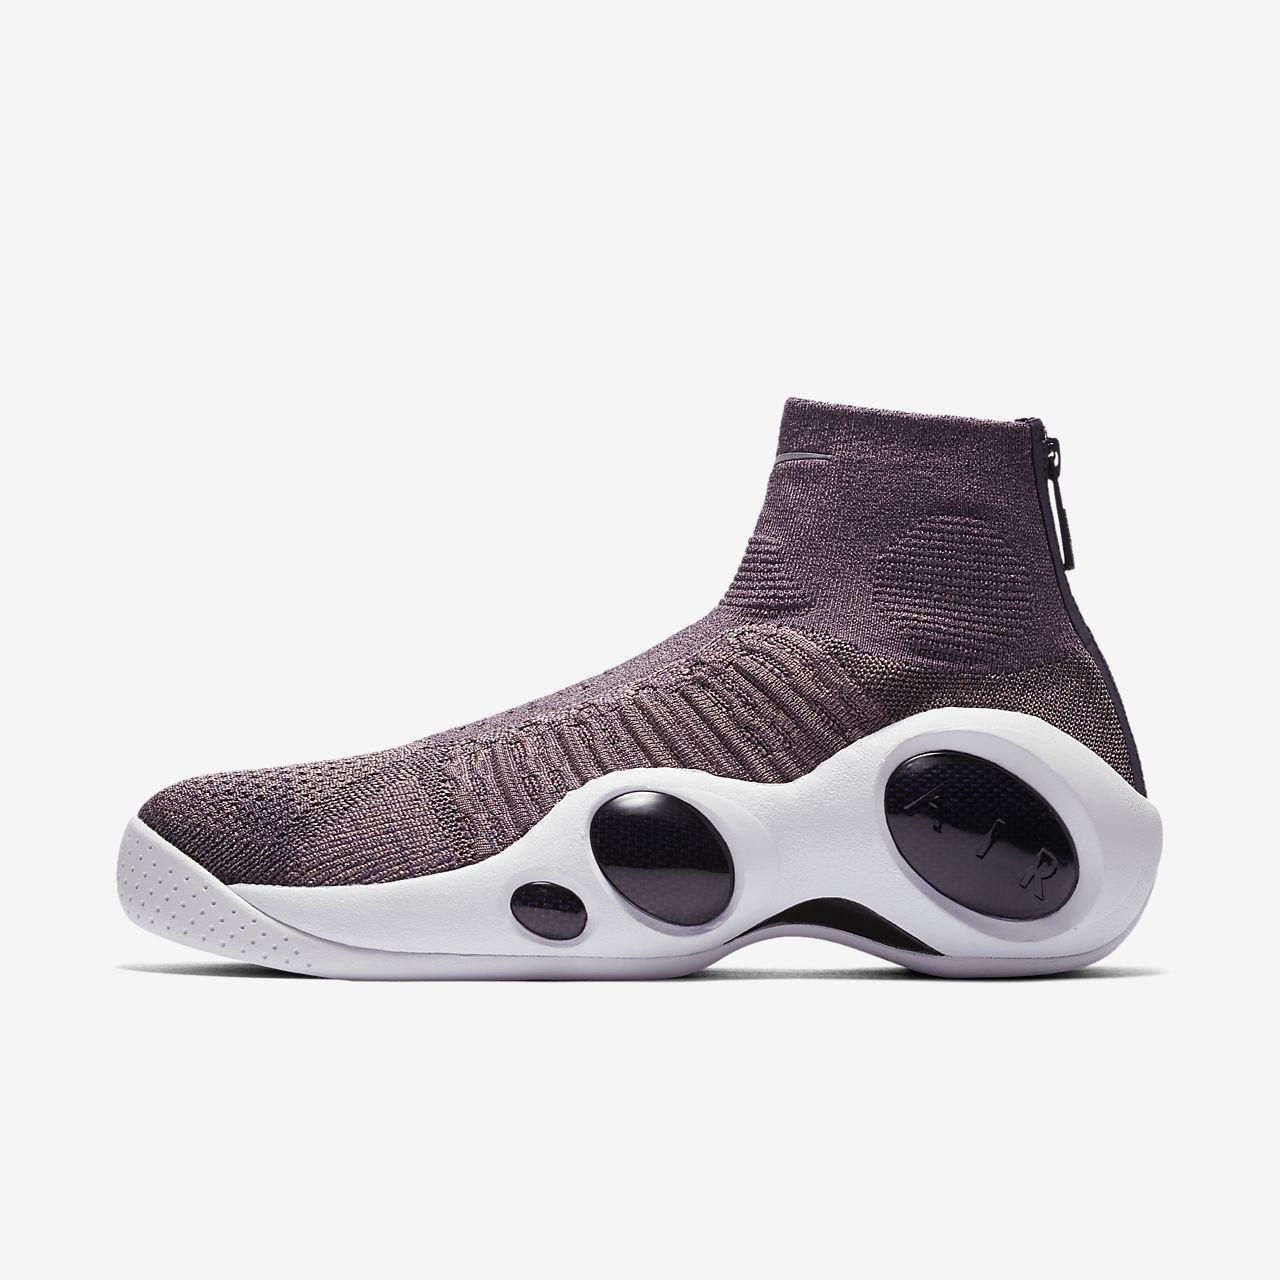 timeless design 25224 cbfe4 ... Nike Flight Bonafide - sko til mænd